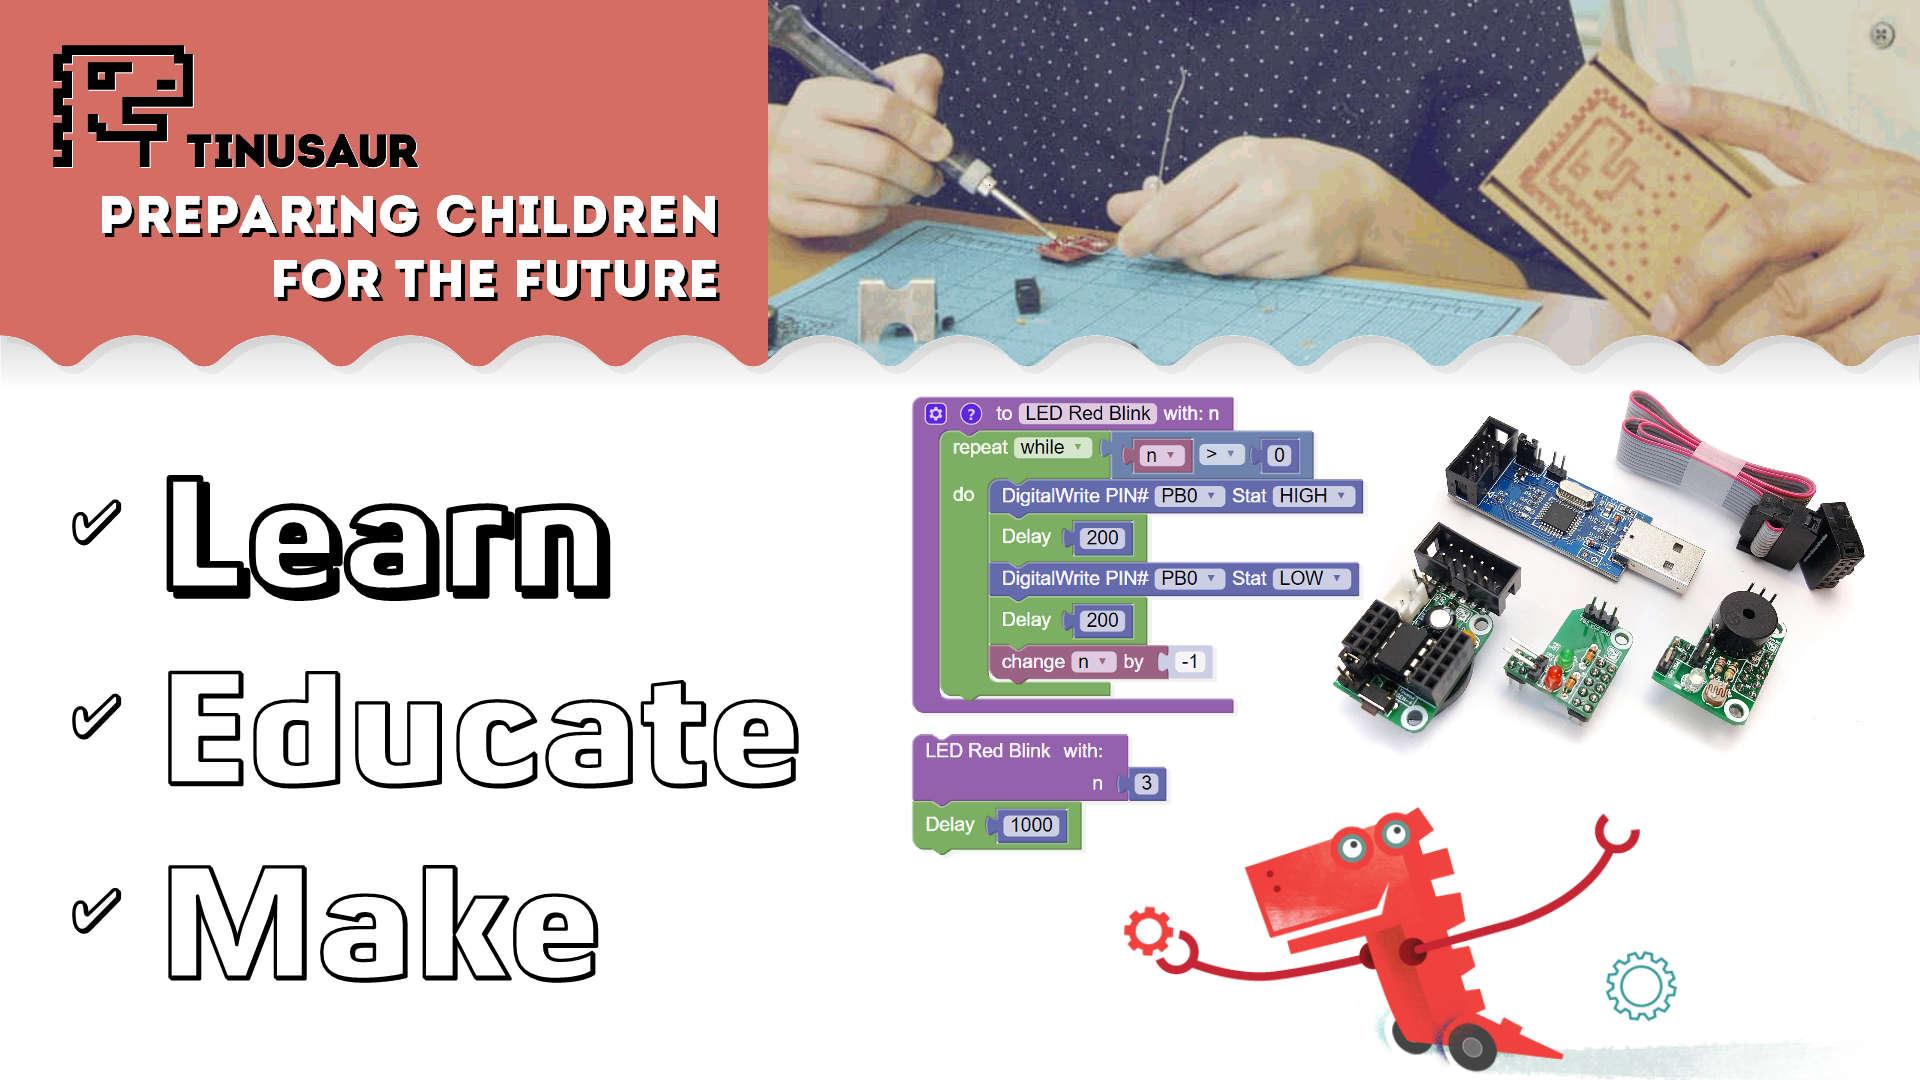 Tinusaur - Learn Educate Make